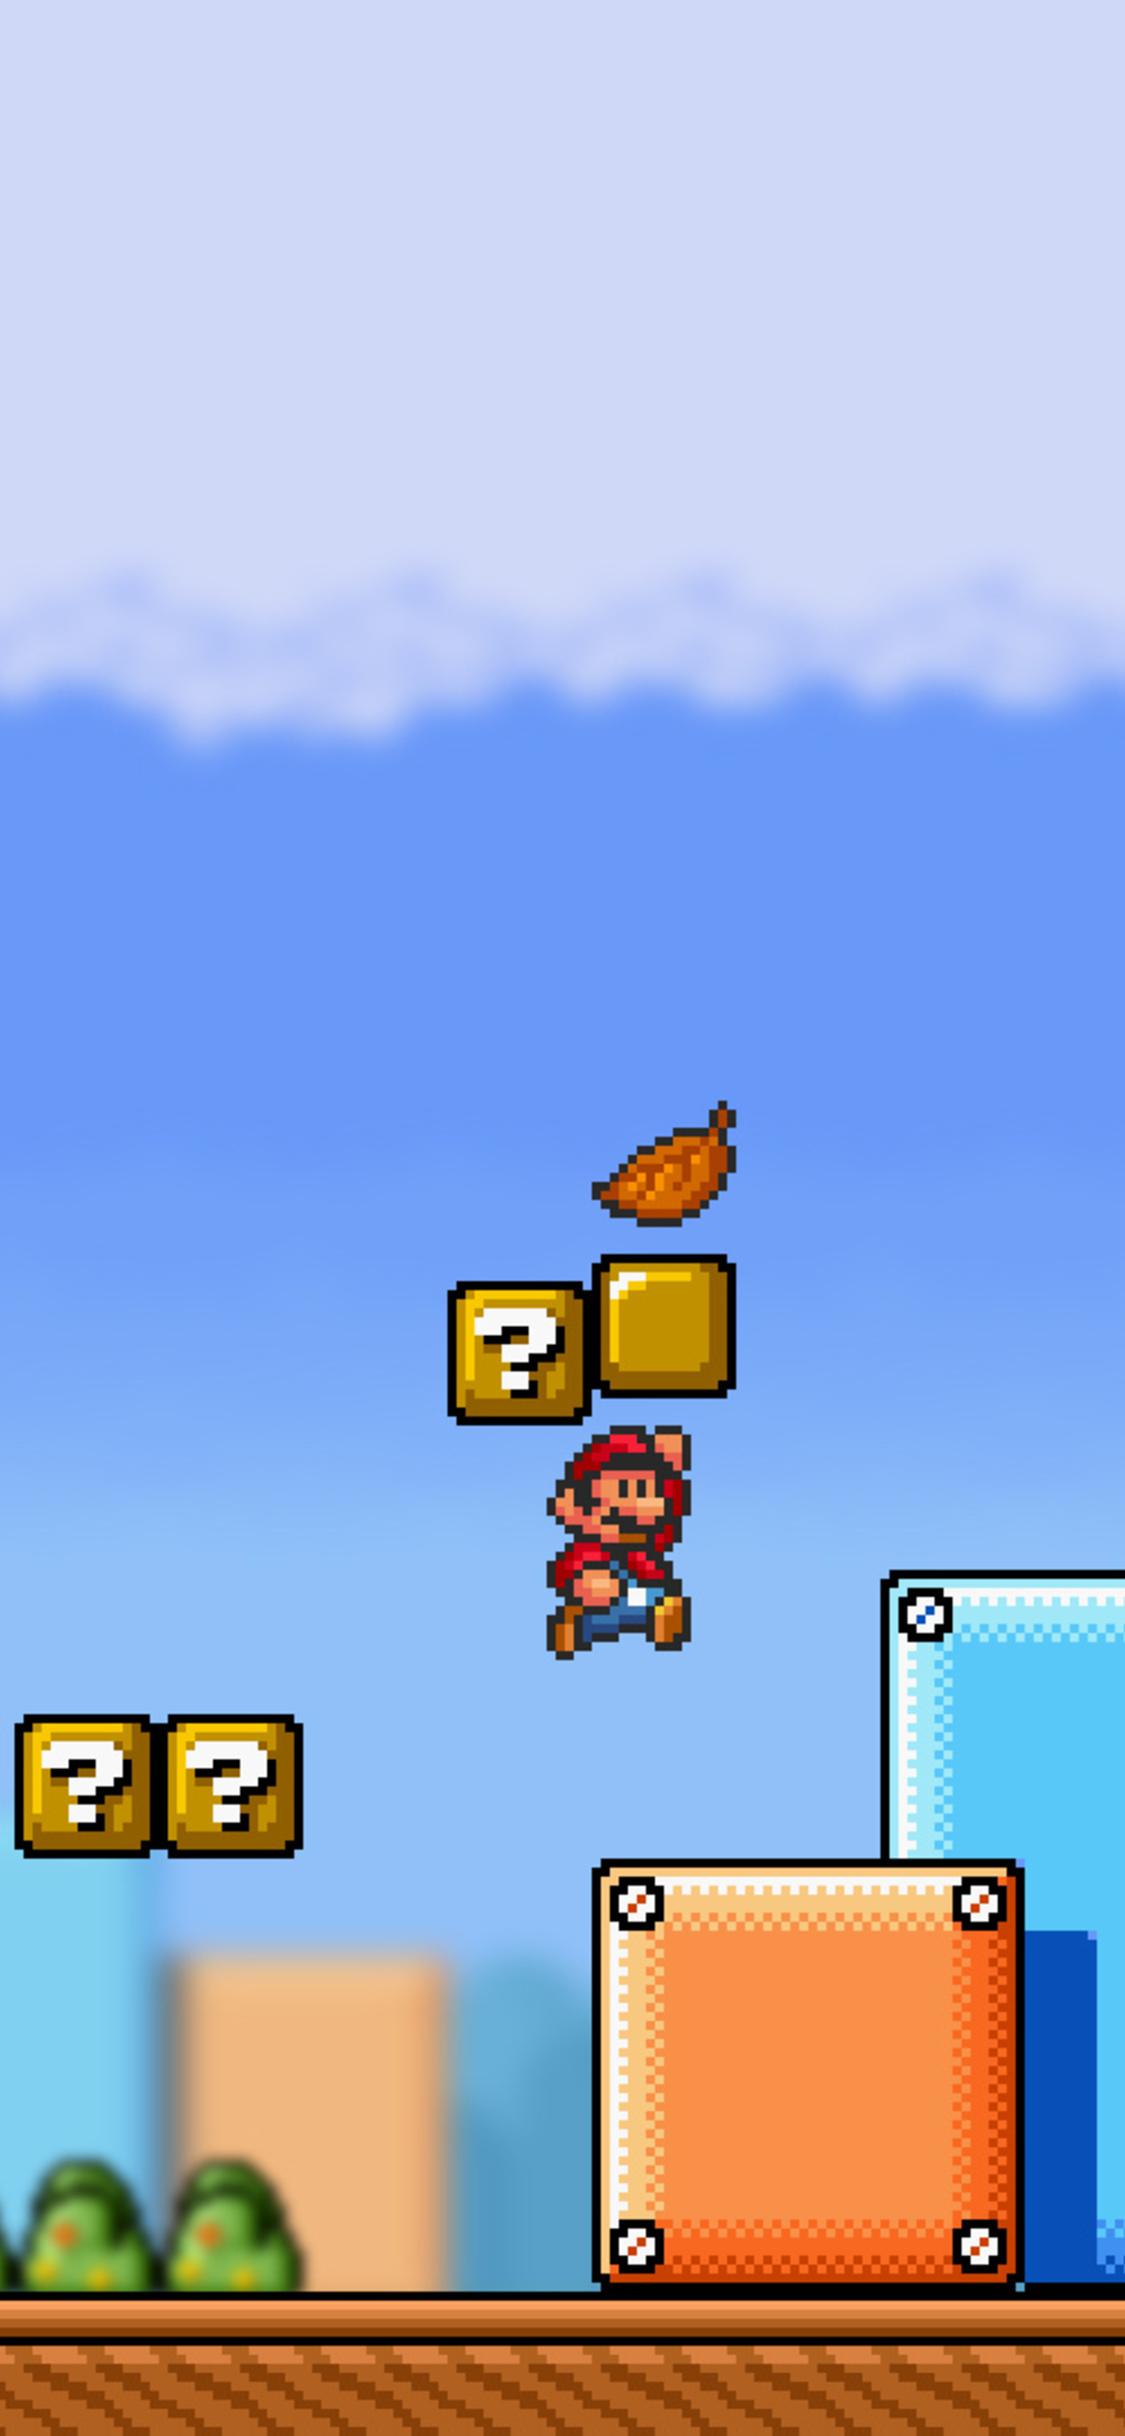 1125x2436 Mario Game Hd Iphone Xs Iphone 10 Iphone X Hd 4k